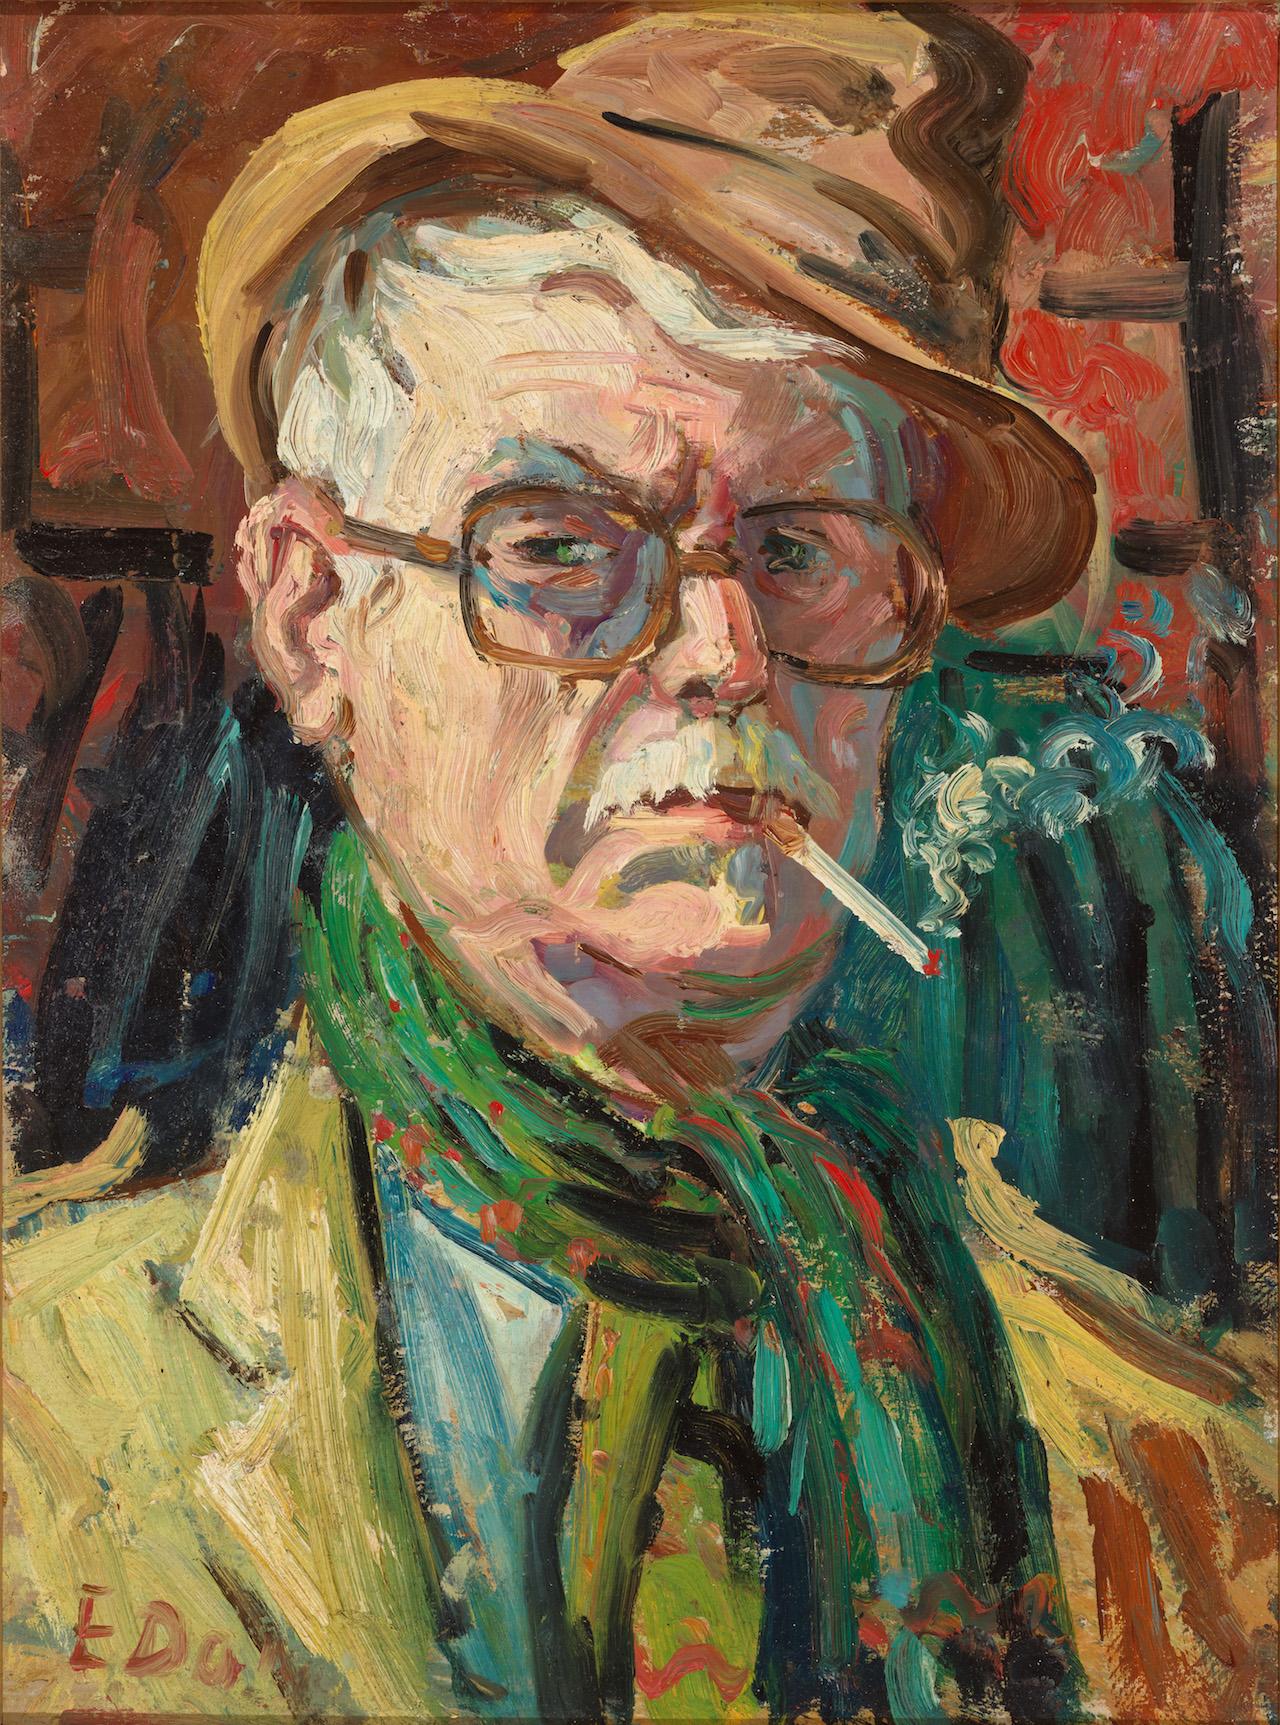 Autoritratto con sigaretta, 1981, 40x30 cm